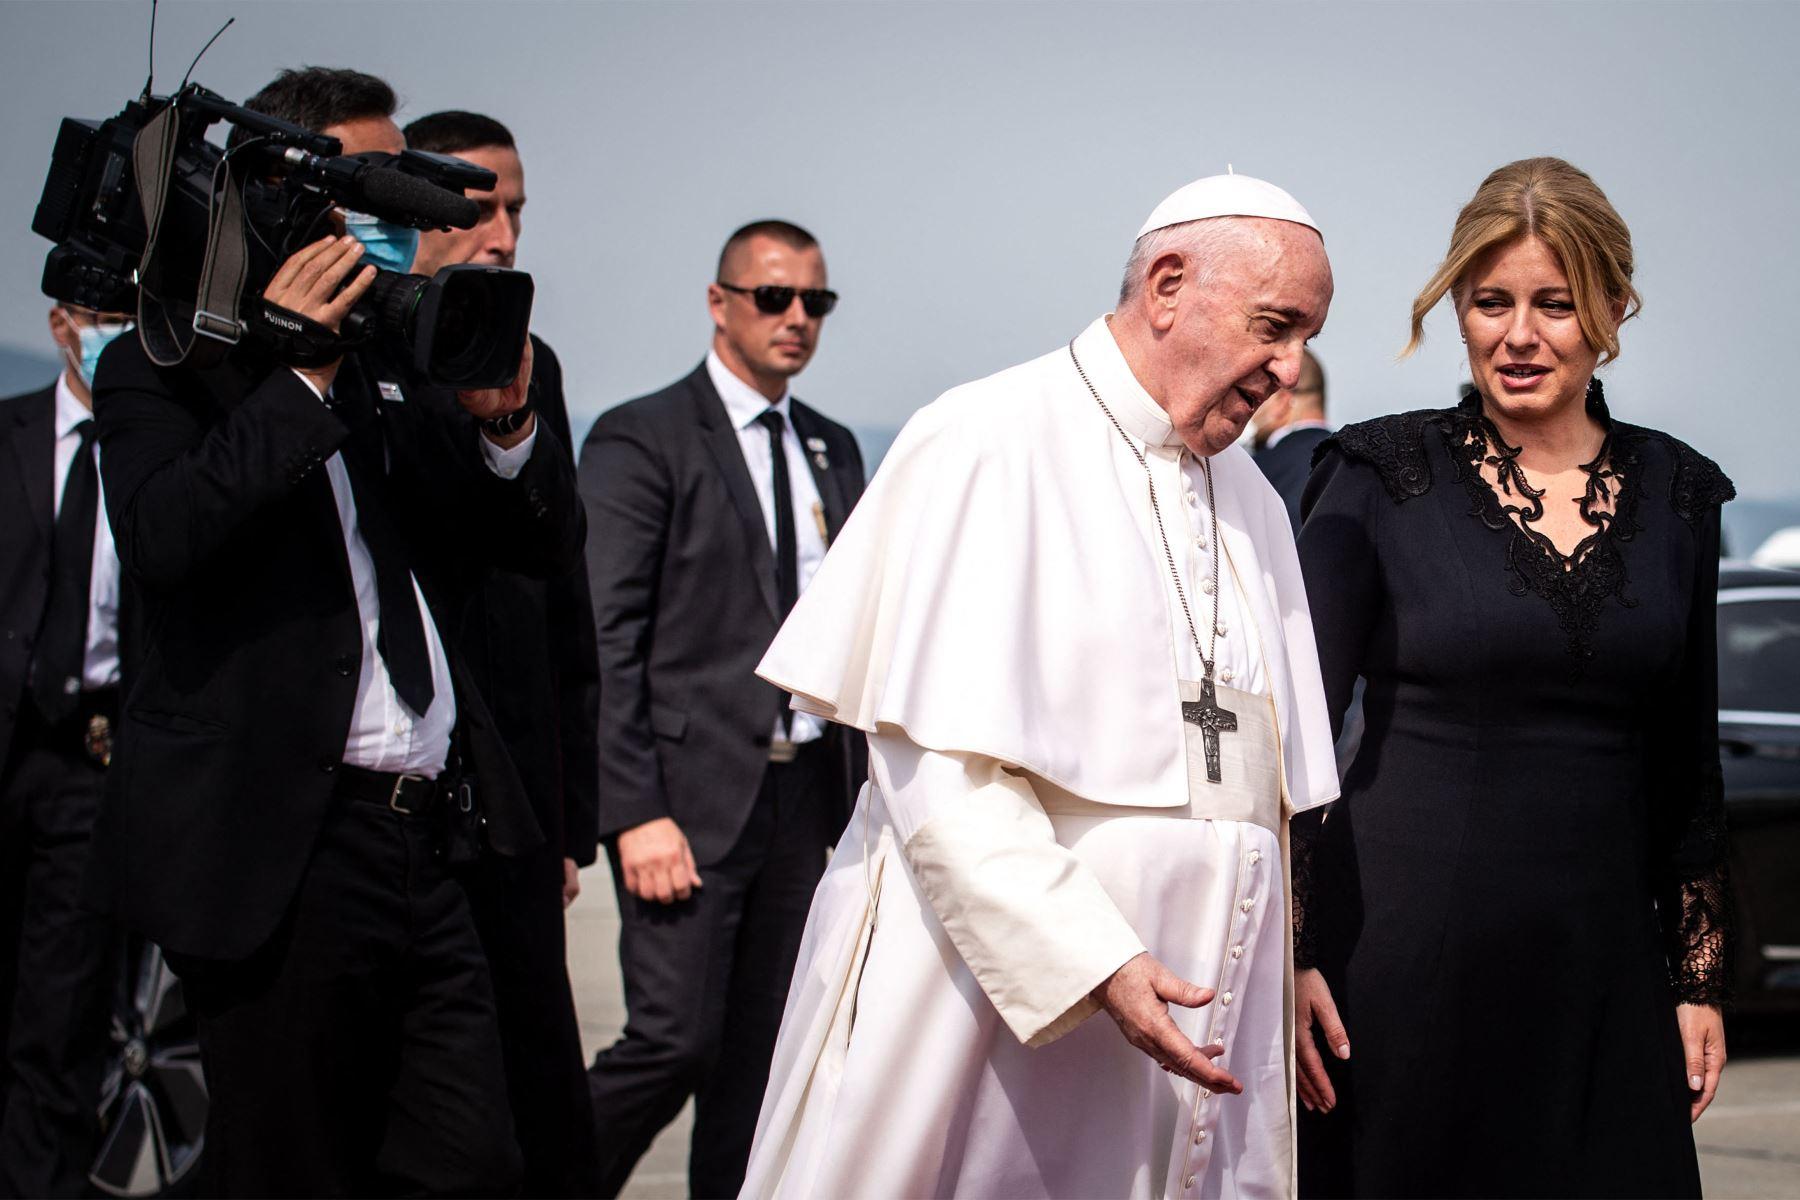 La presidenta eslovaca Zuzana Caputova da la bienvenida al Papa Francisco cuando Ge se baja de una limusina antes de su partida en el aeropuerto internacional Milan Rastislav Stefanik de Bratislava en  Eslovaquia. Foto: AFP